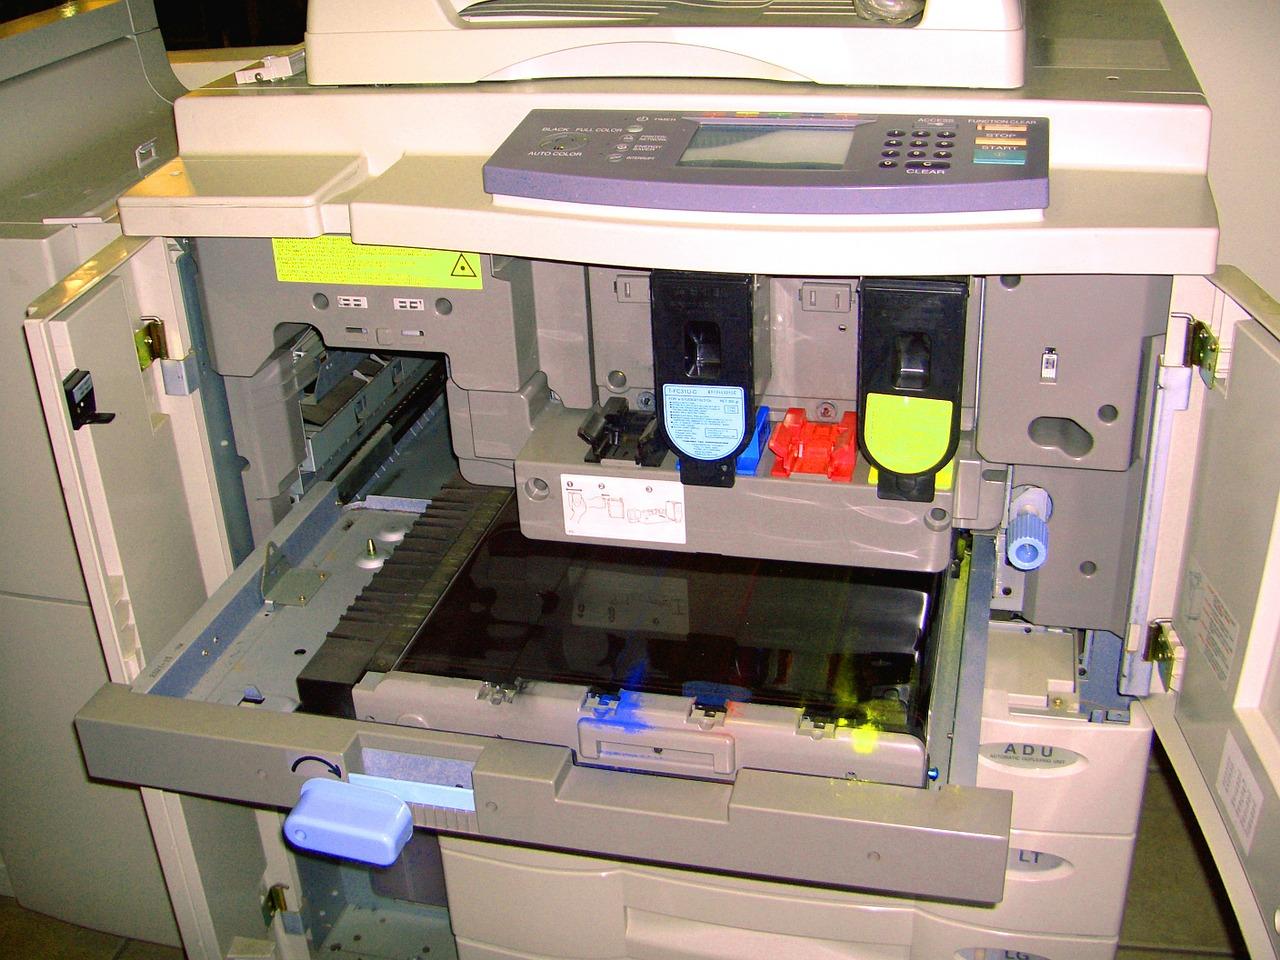 drukarka laserowa z zużytymi tonerami